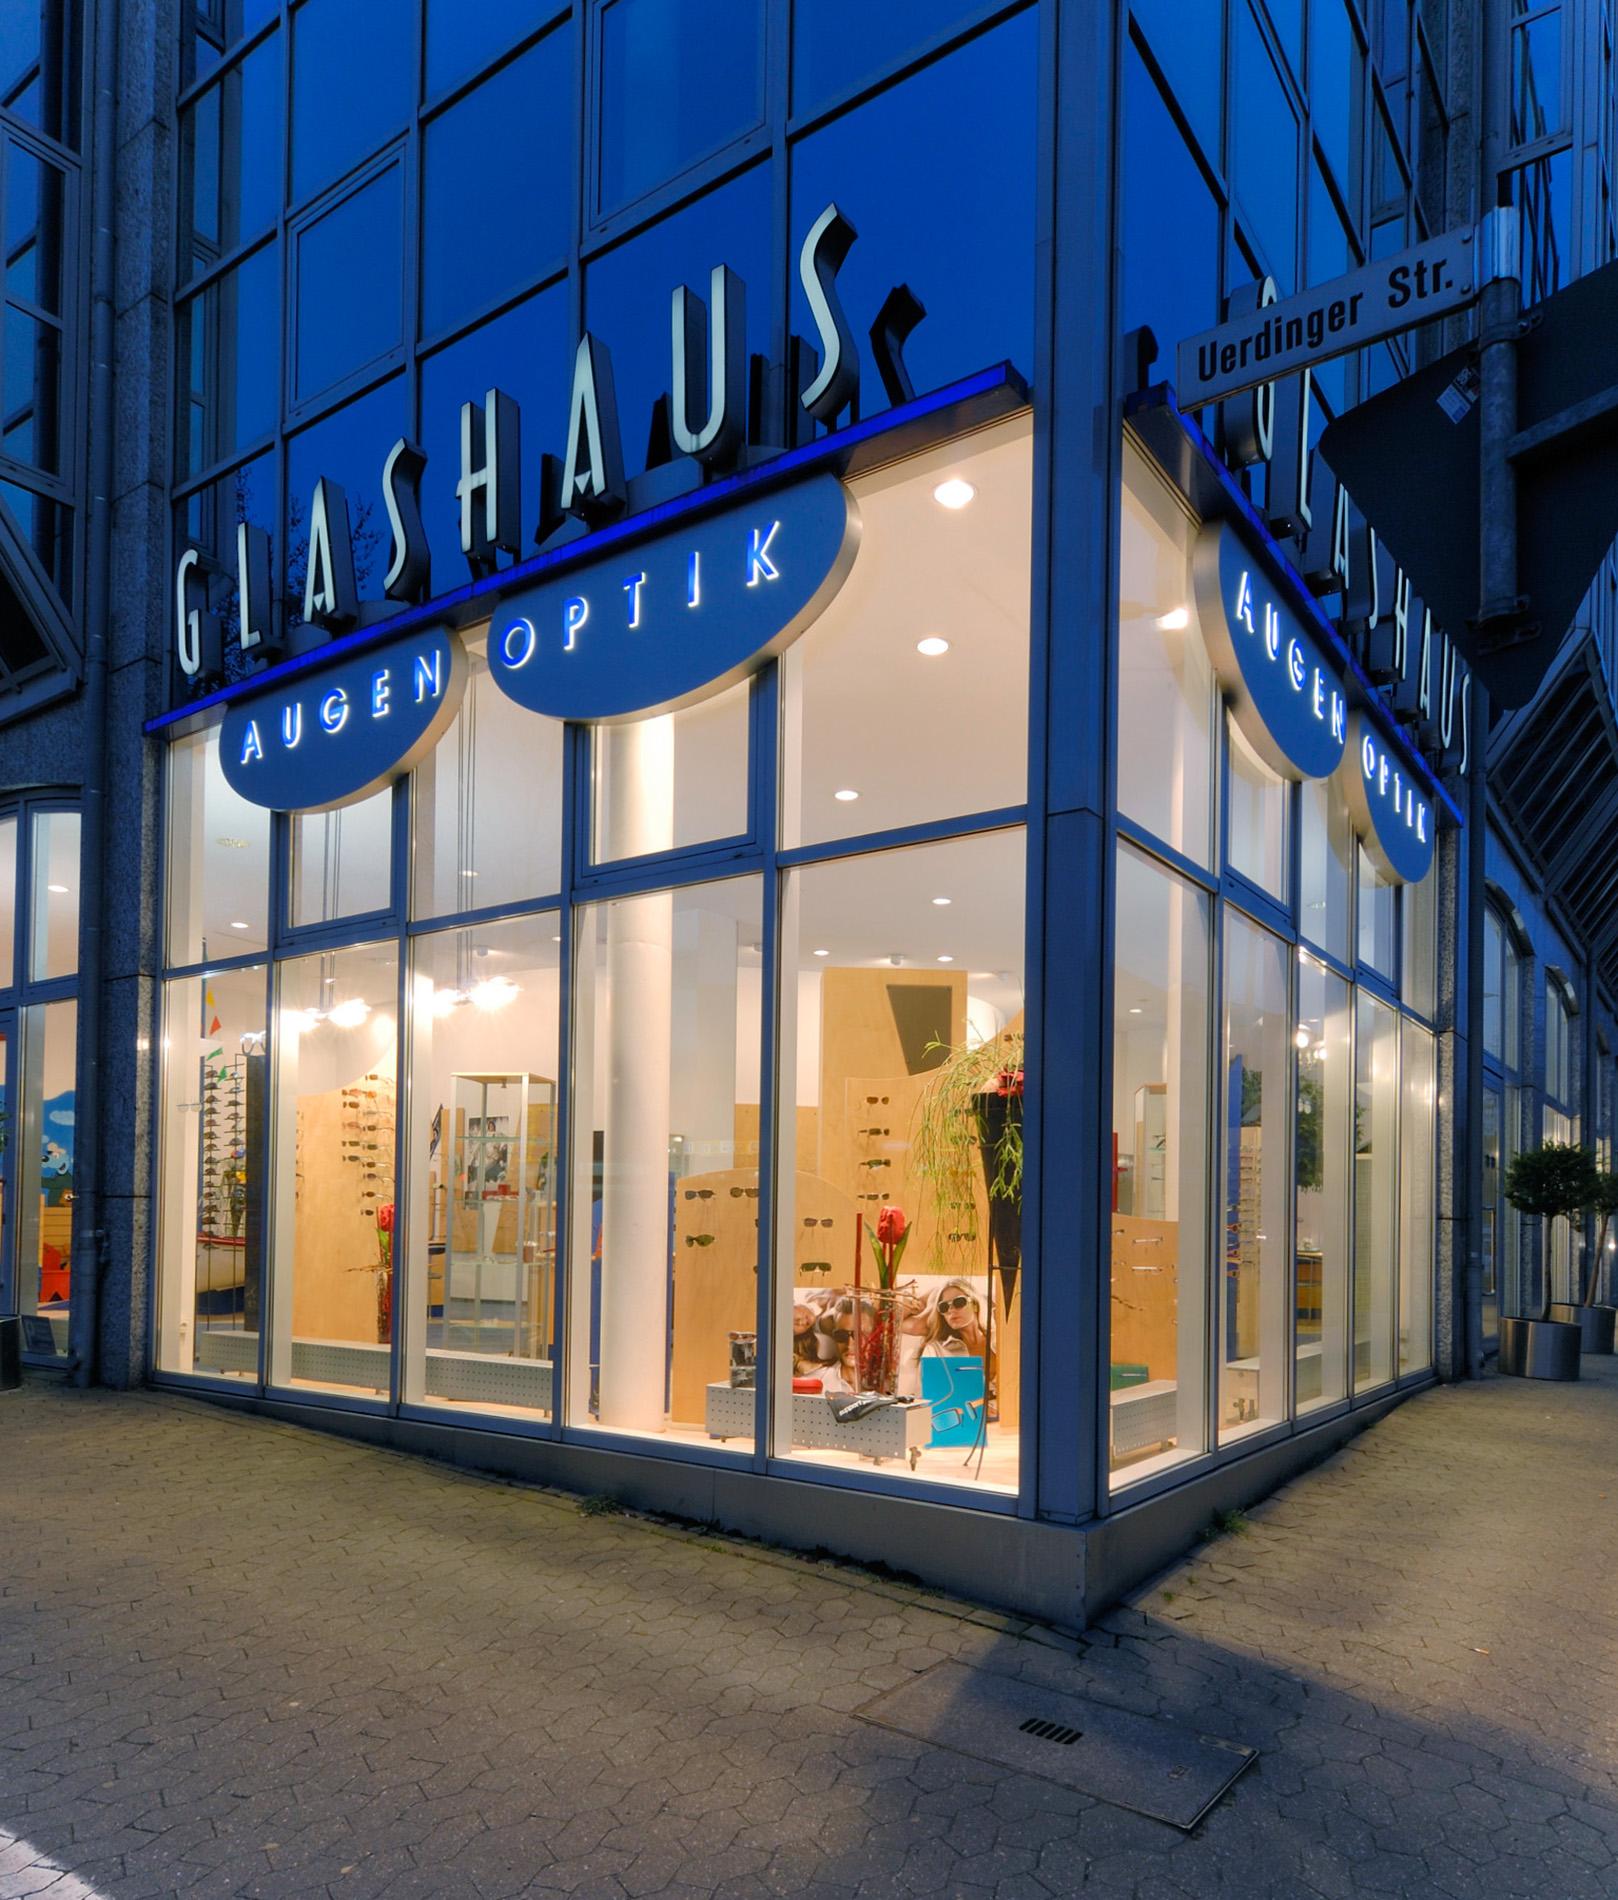 Fotodesign-matthias-schütz-glashaus-ecke